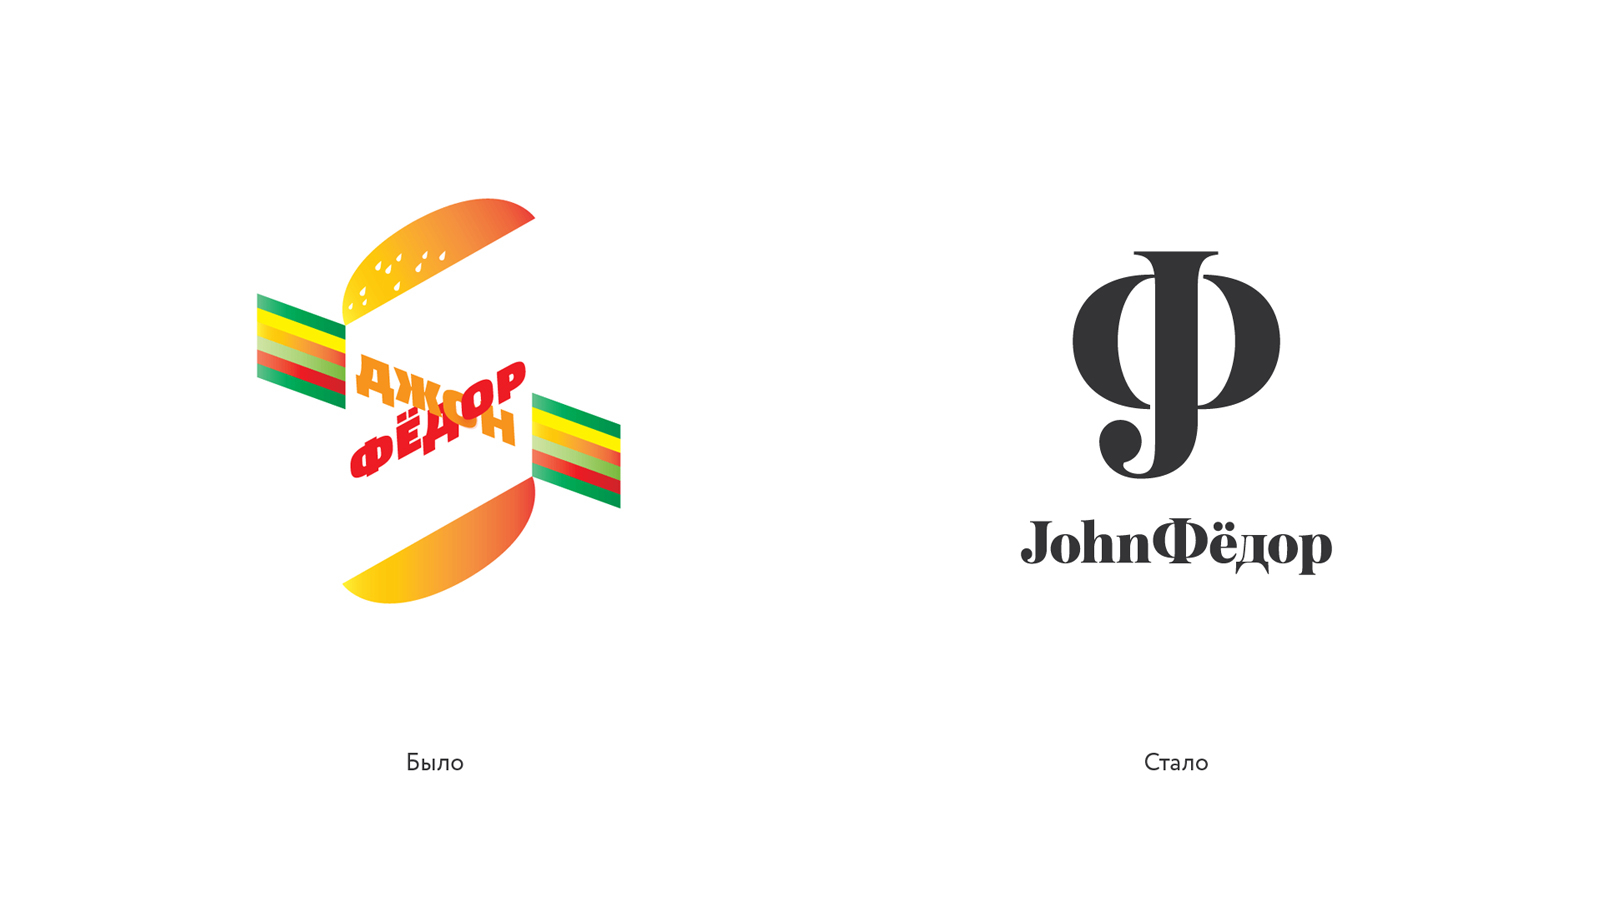 Рестайлинг бренда «JohnФёдор»: прежний вариант и новый, лаконичный, соответсвующий настроению, философии и характеру бренда.